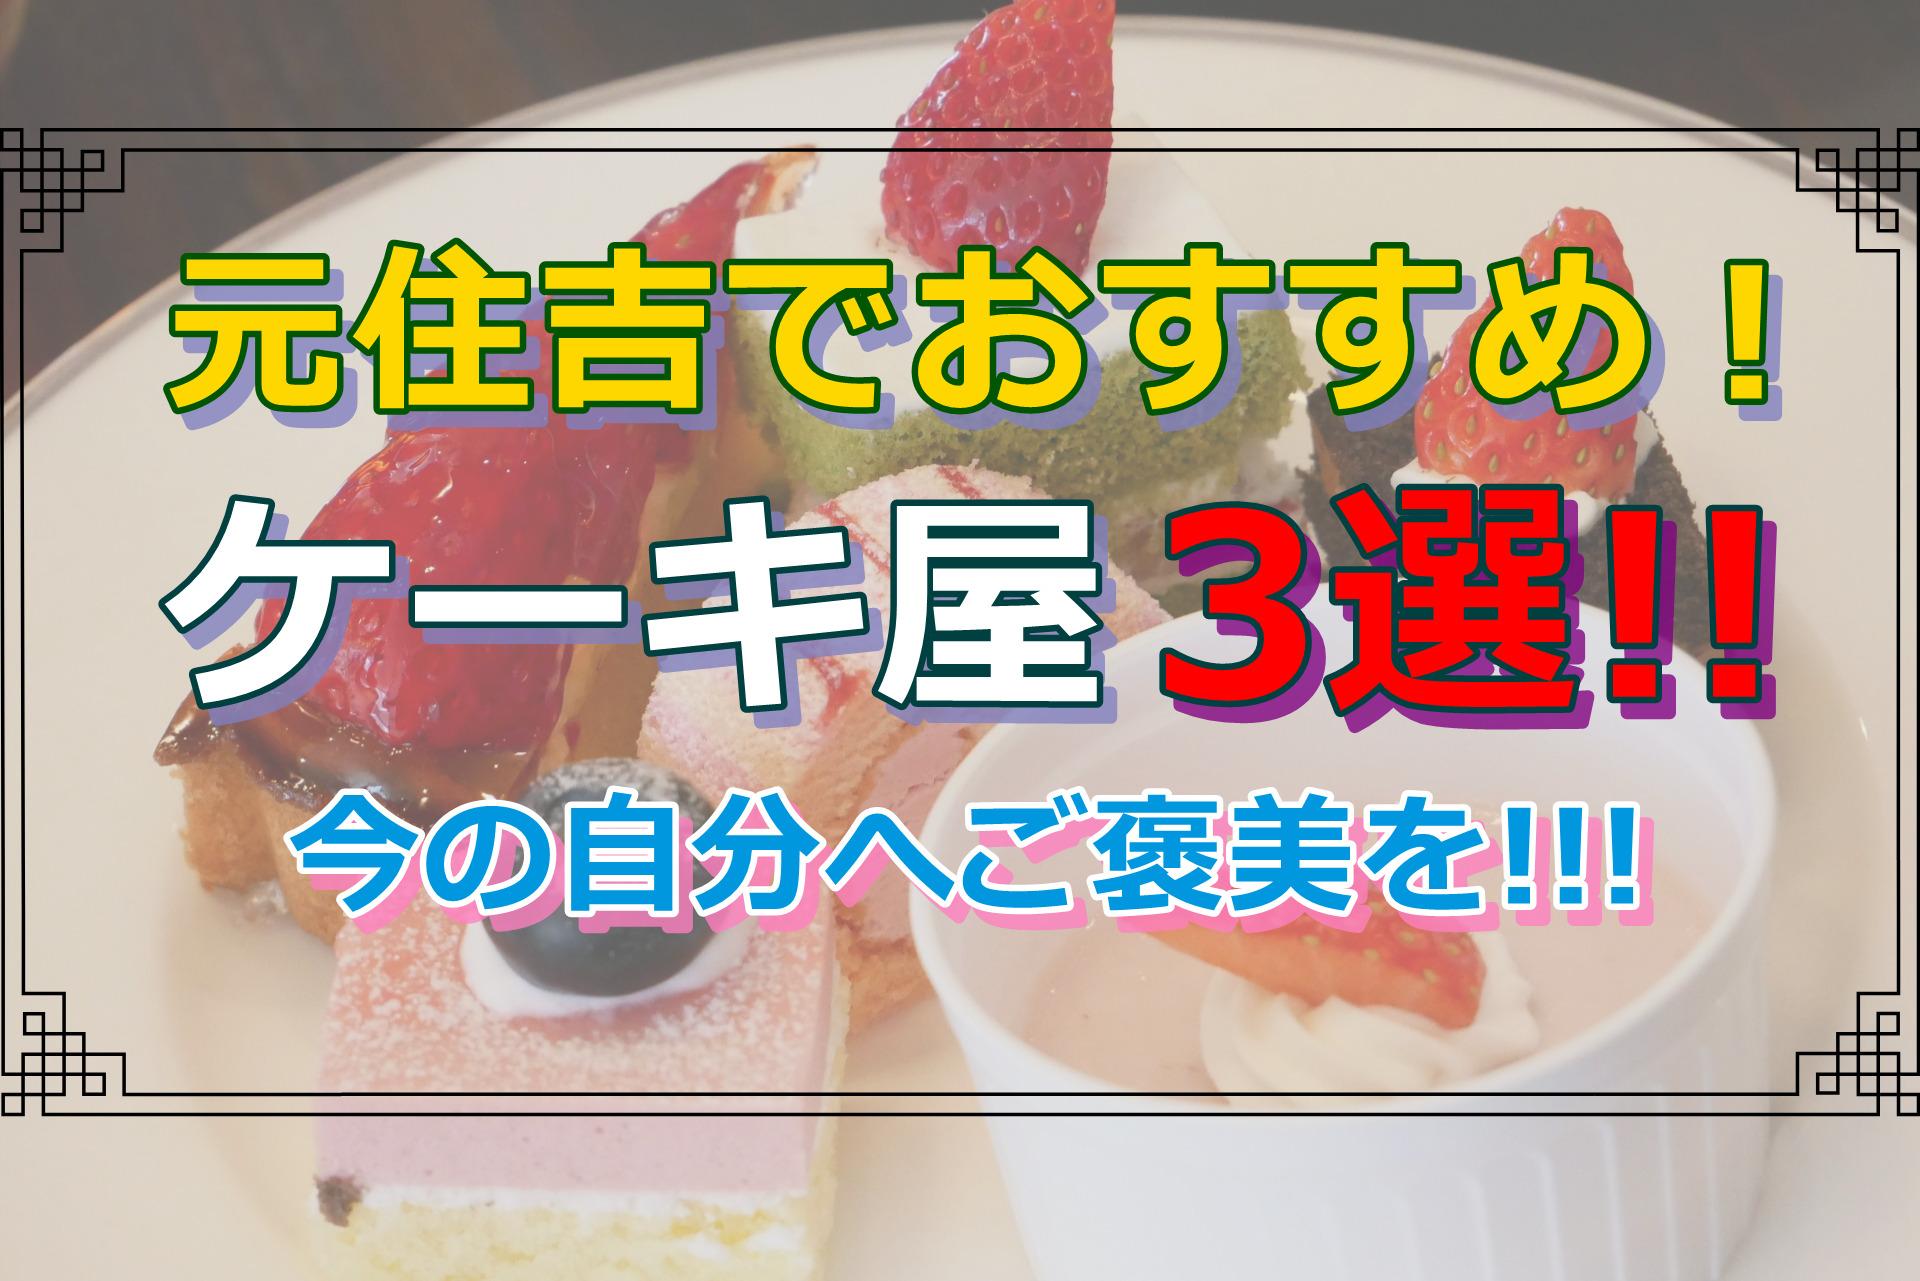 元住吉でおすすめ!お家でカフェ気分♪最新ケーキ屋さん3選!!